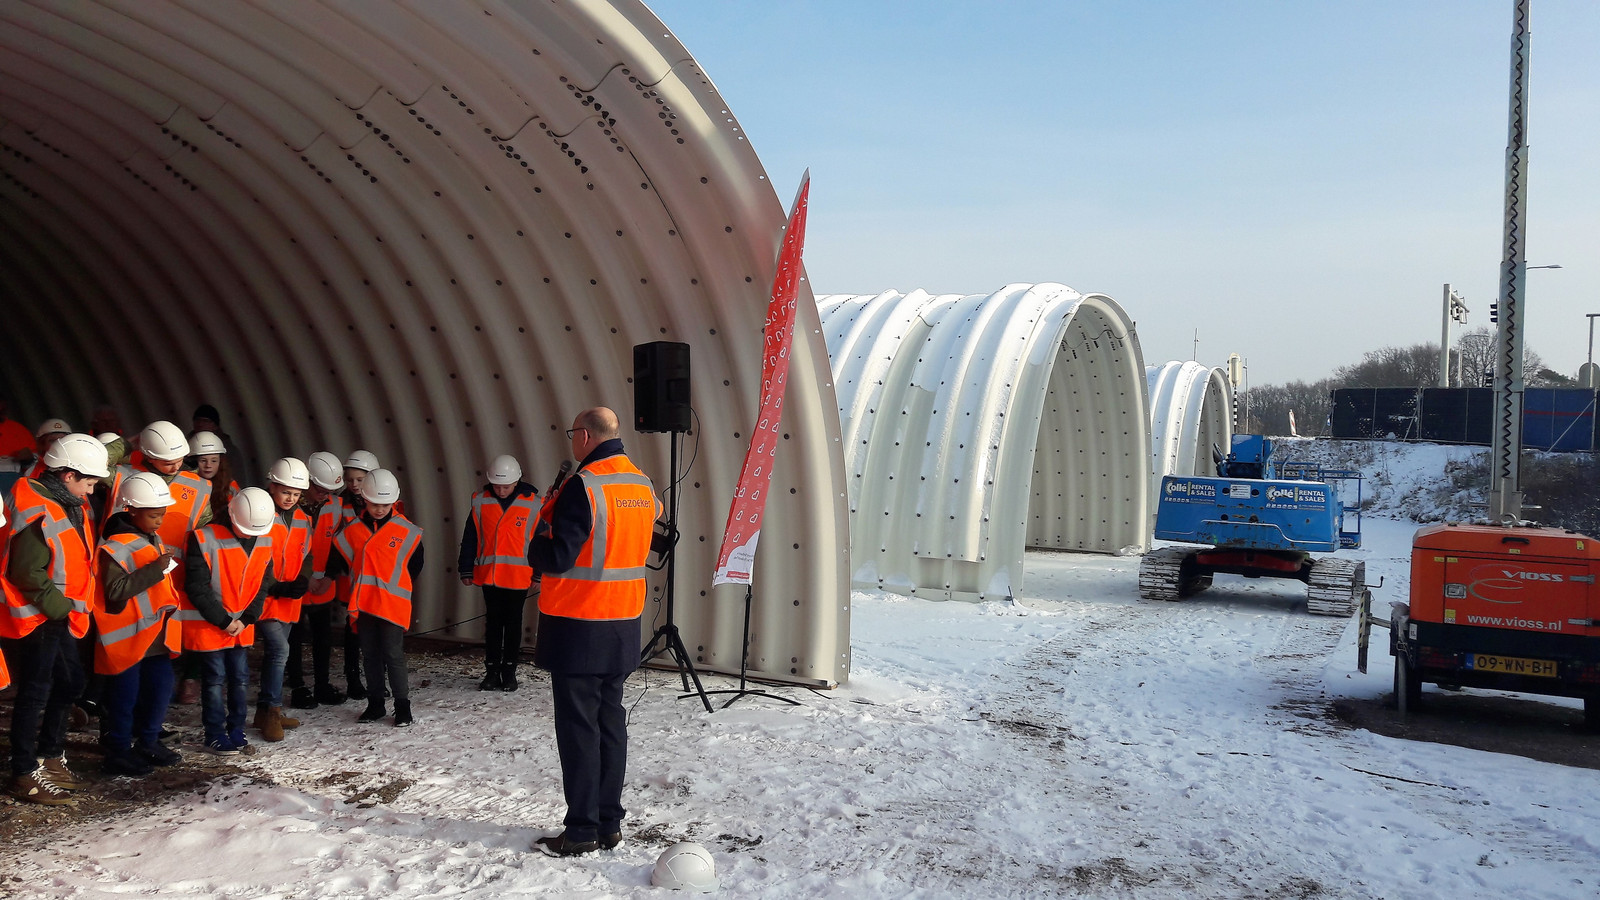 Leerlingen van groep 8 van De Blokkendoos trappelen van ongeduld in de sneeuw totdat wethouder Gerard Bruijniks is uitgesproken. De drie losse delen van de fietstunnel zijn afgelopen weken met 12.000 bouten in elkaar gezet.